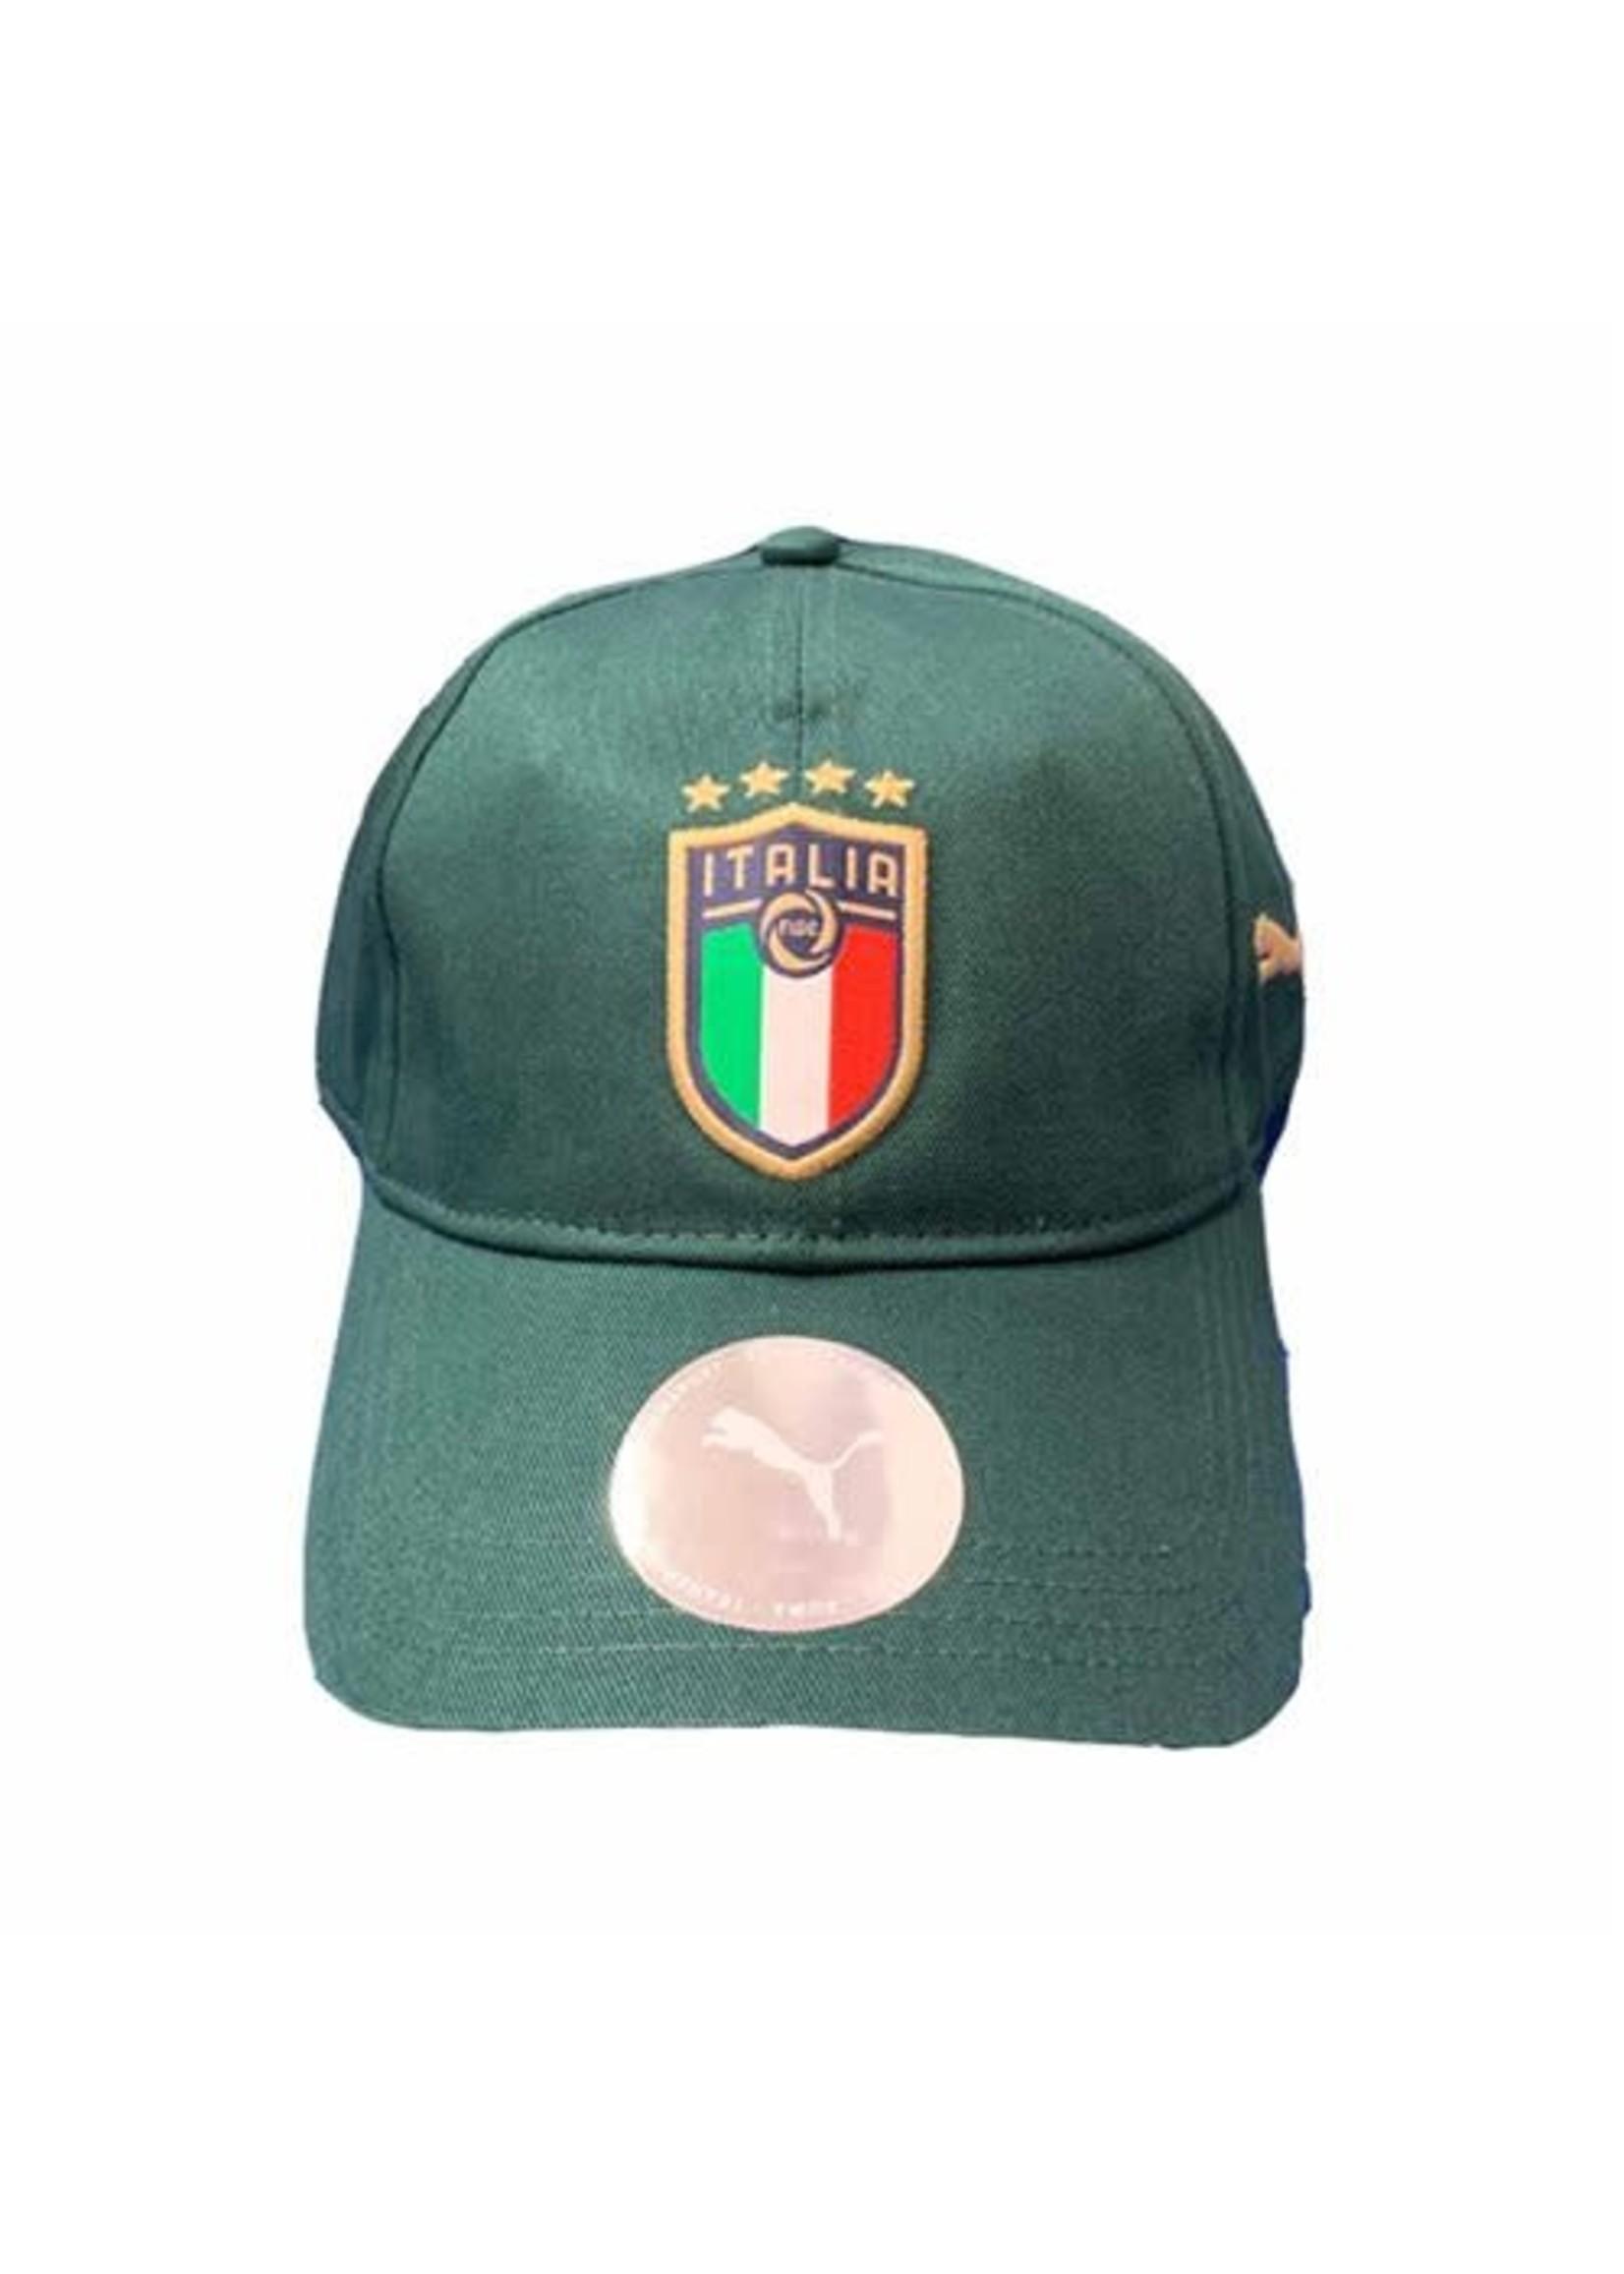 Puma FIGC (ITALY) TEAM CAP